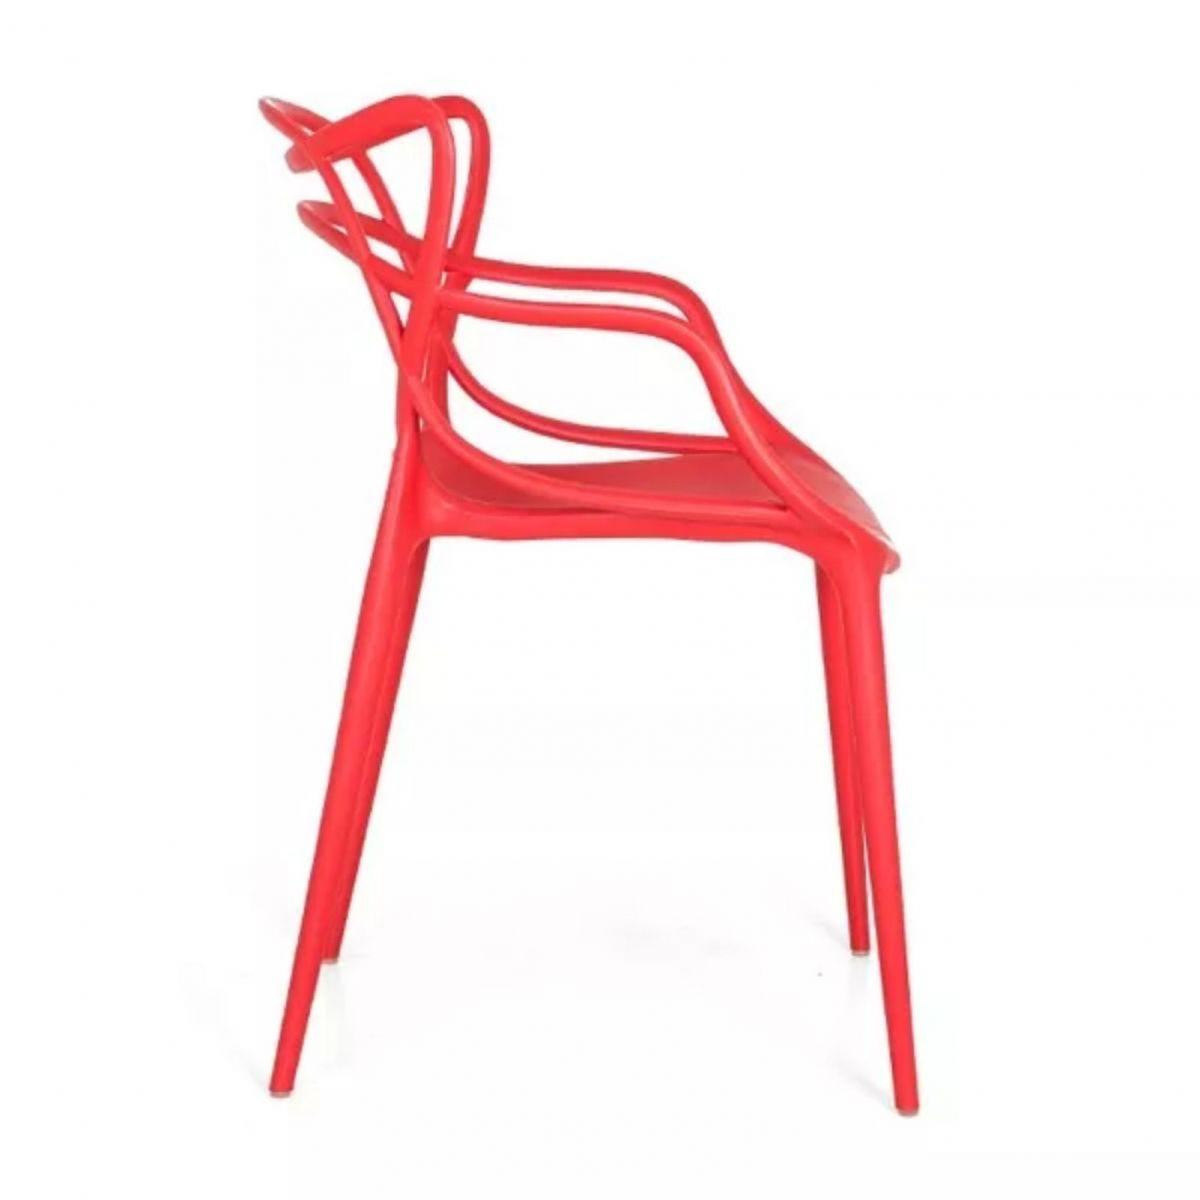 Kit 4 Cadeiras Design Allegra Pelegrin PEL-1737 Cor Vermelha